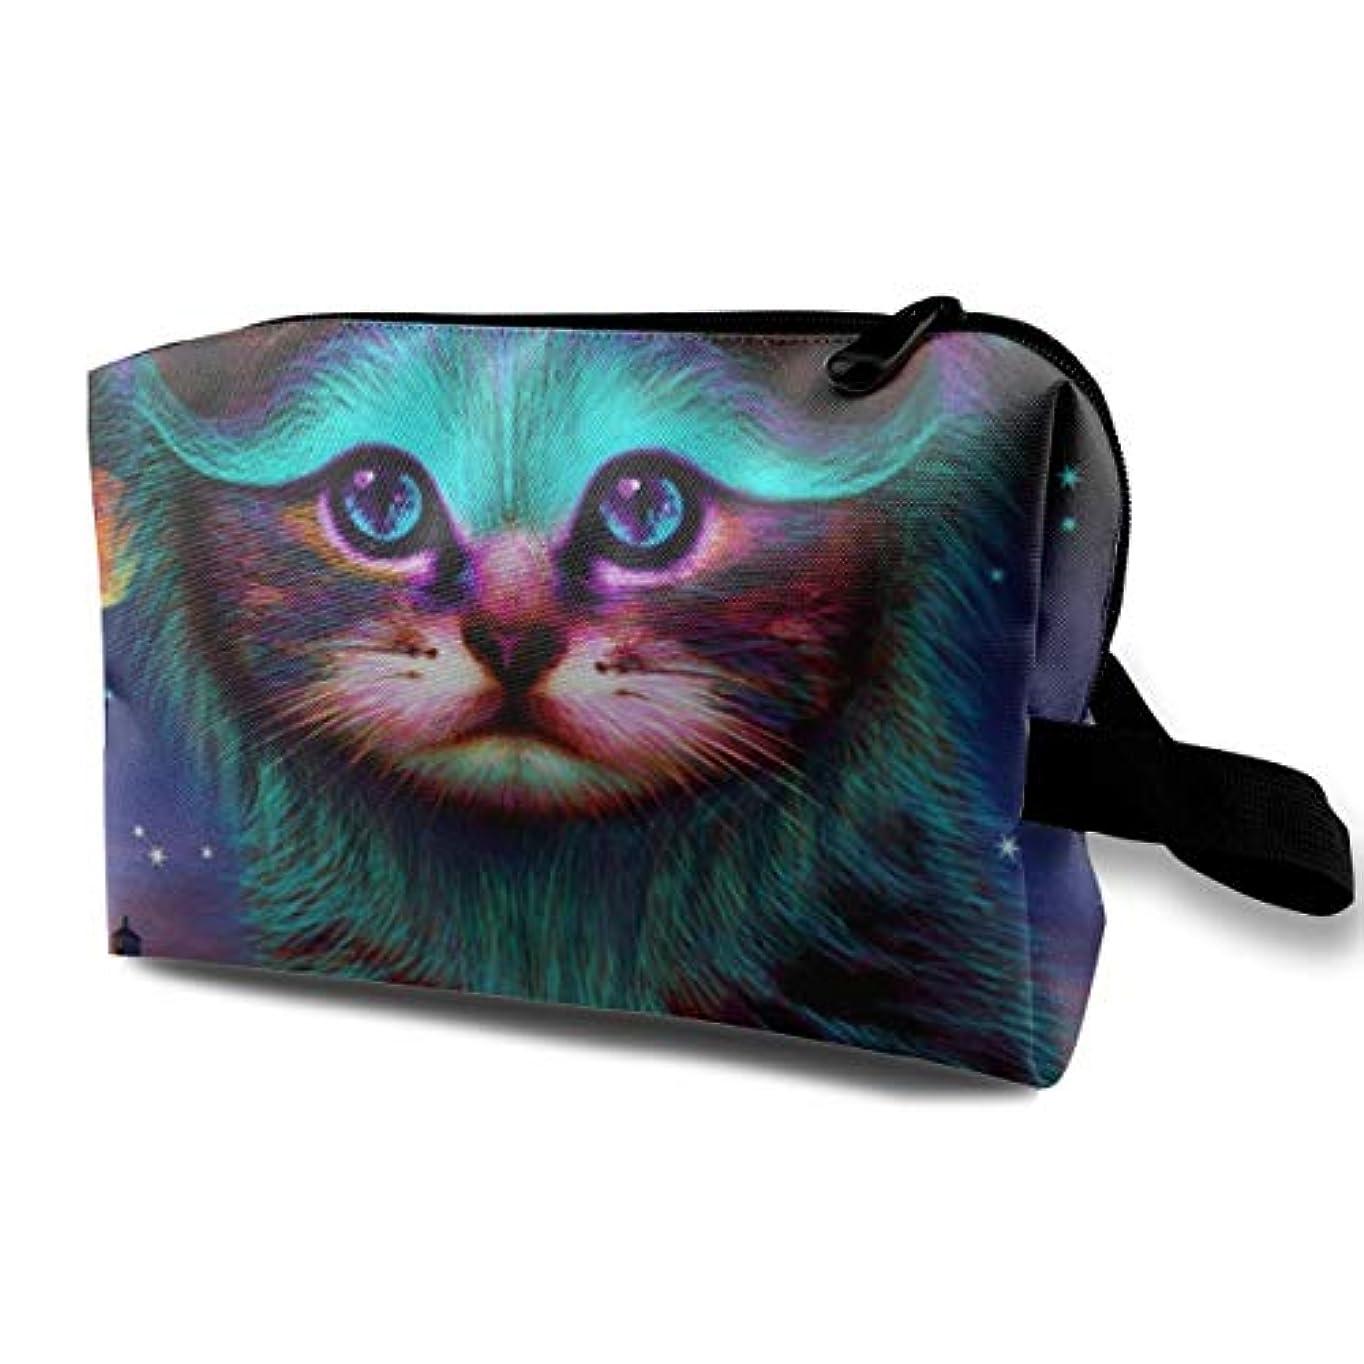 中絶シャトル関係するCute Rainbow Galaxy Kitten 収納ポーチ 化粧ポーチ 大容量 軽量 耐久性 ハンドル付持ち運び便利。入れ 自宅?出張?旅行?アウトドア撮影などに対応。メンズ レディース トラベルグッズ